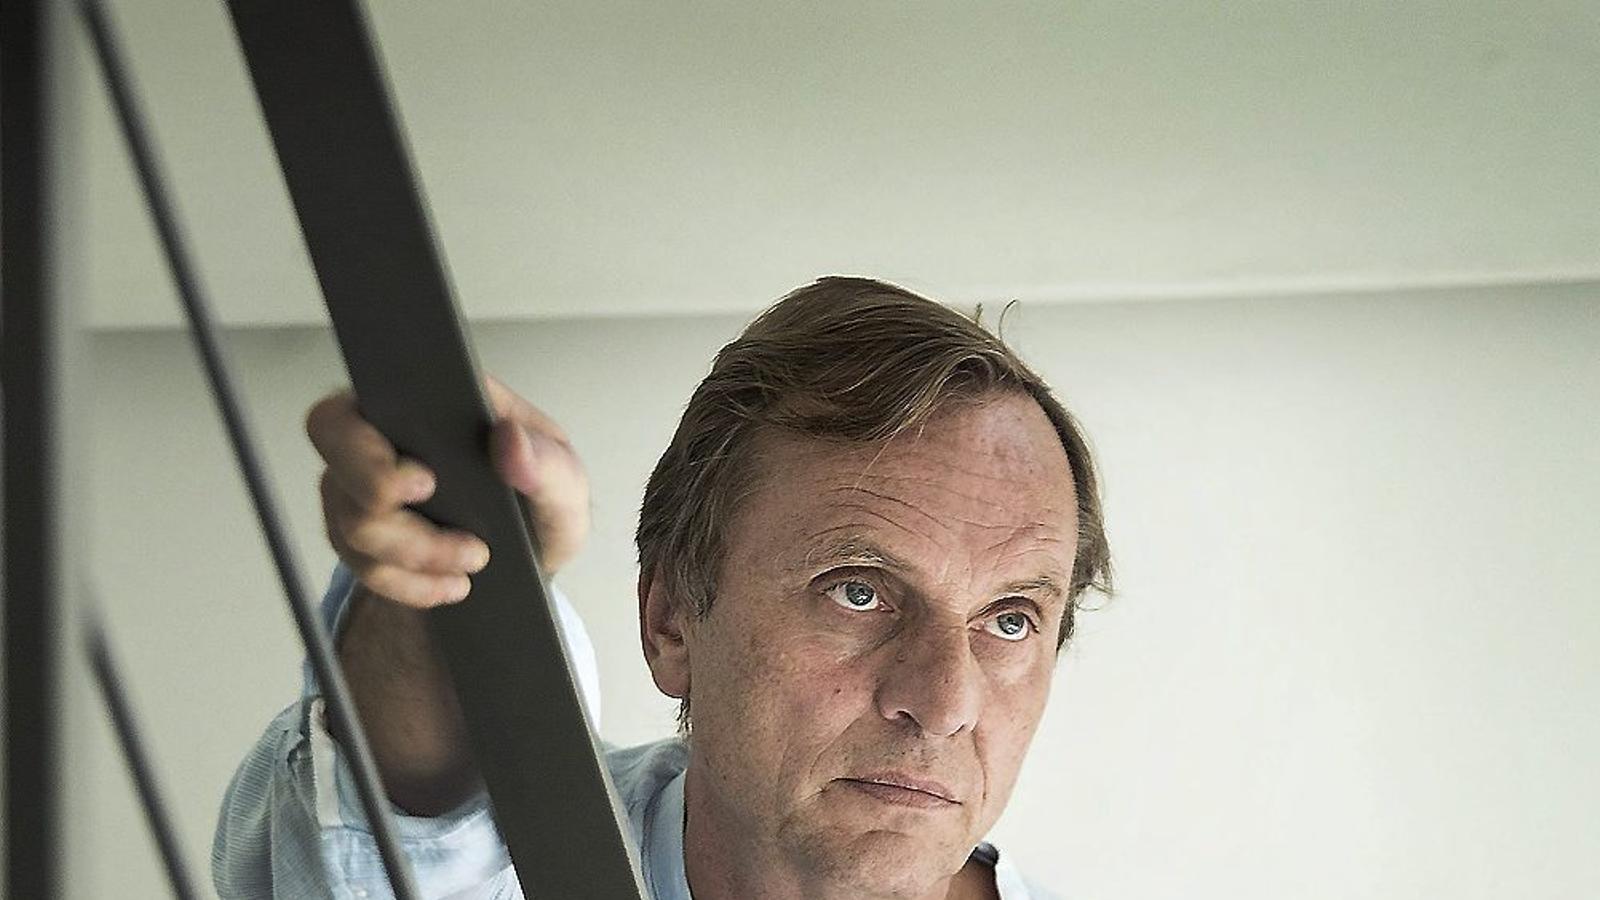 Bouchoux alerta sobre la perversió narcisista perquè considera  que el narcisisme és inherent a la condició humana. / PERE VIRGILI